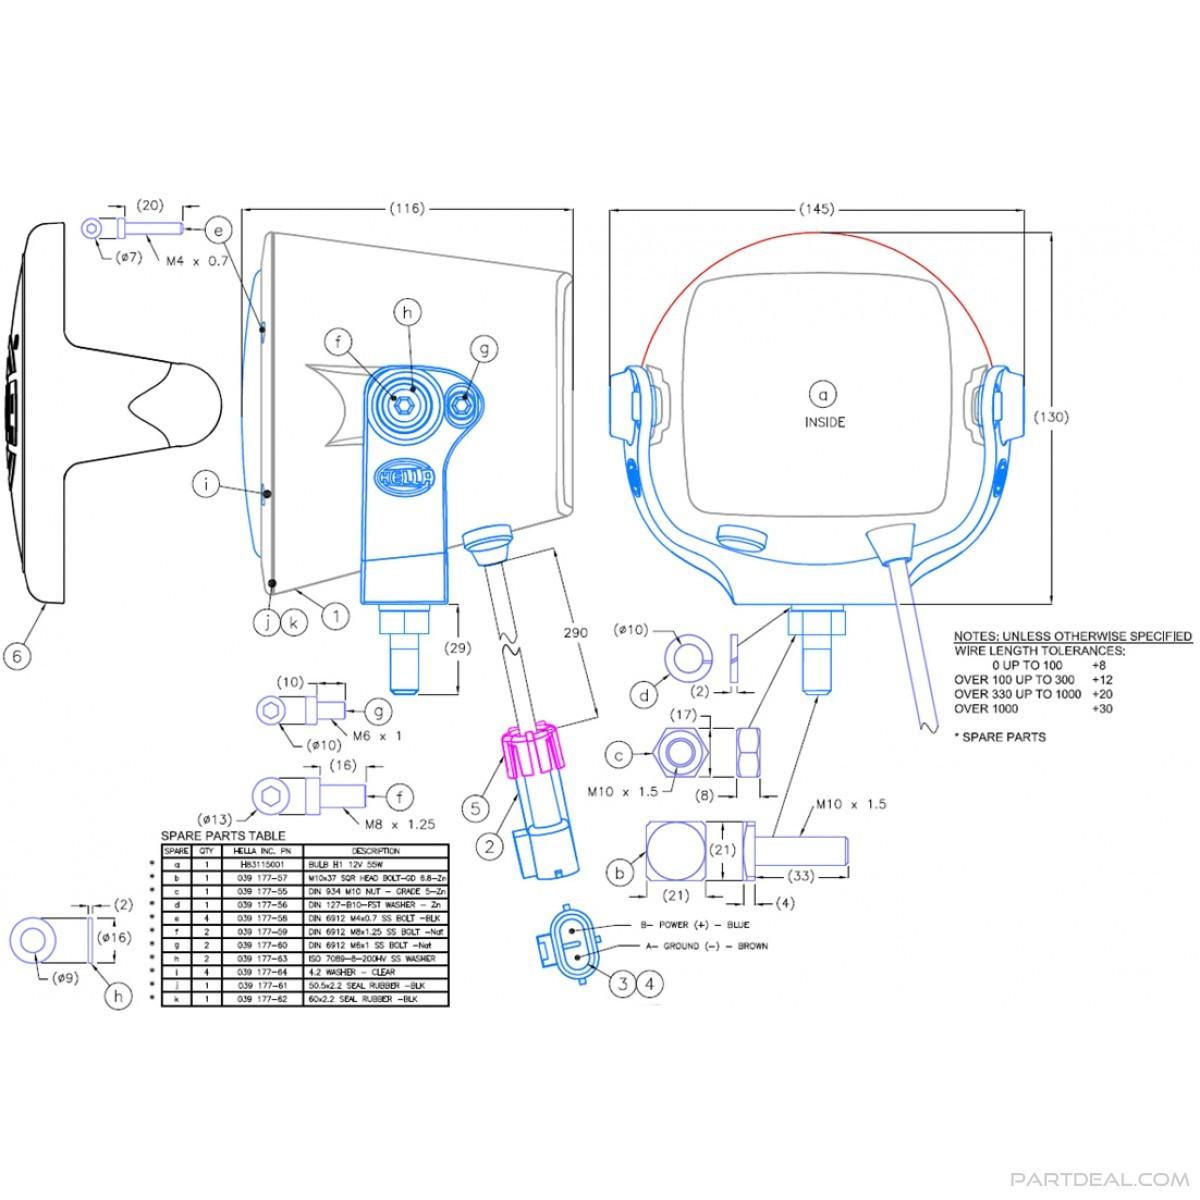 wiring diagram for driving lights 1996 nissan sentra speaker fog light with zettler relay library